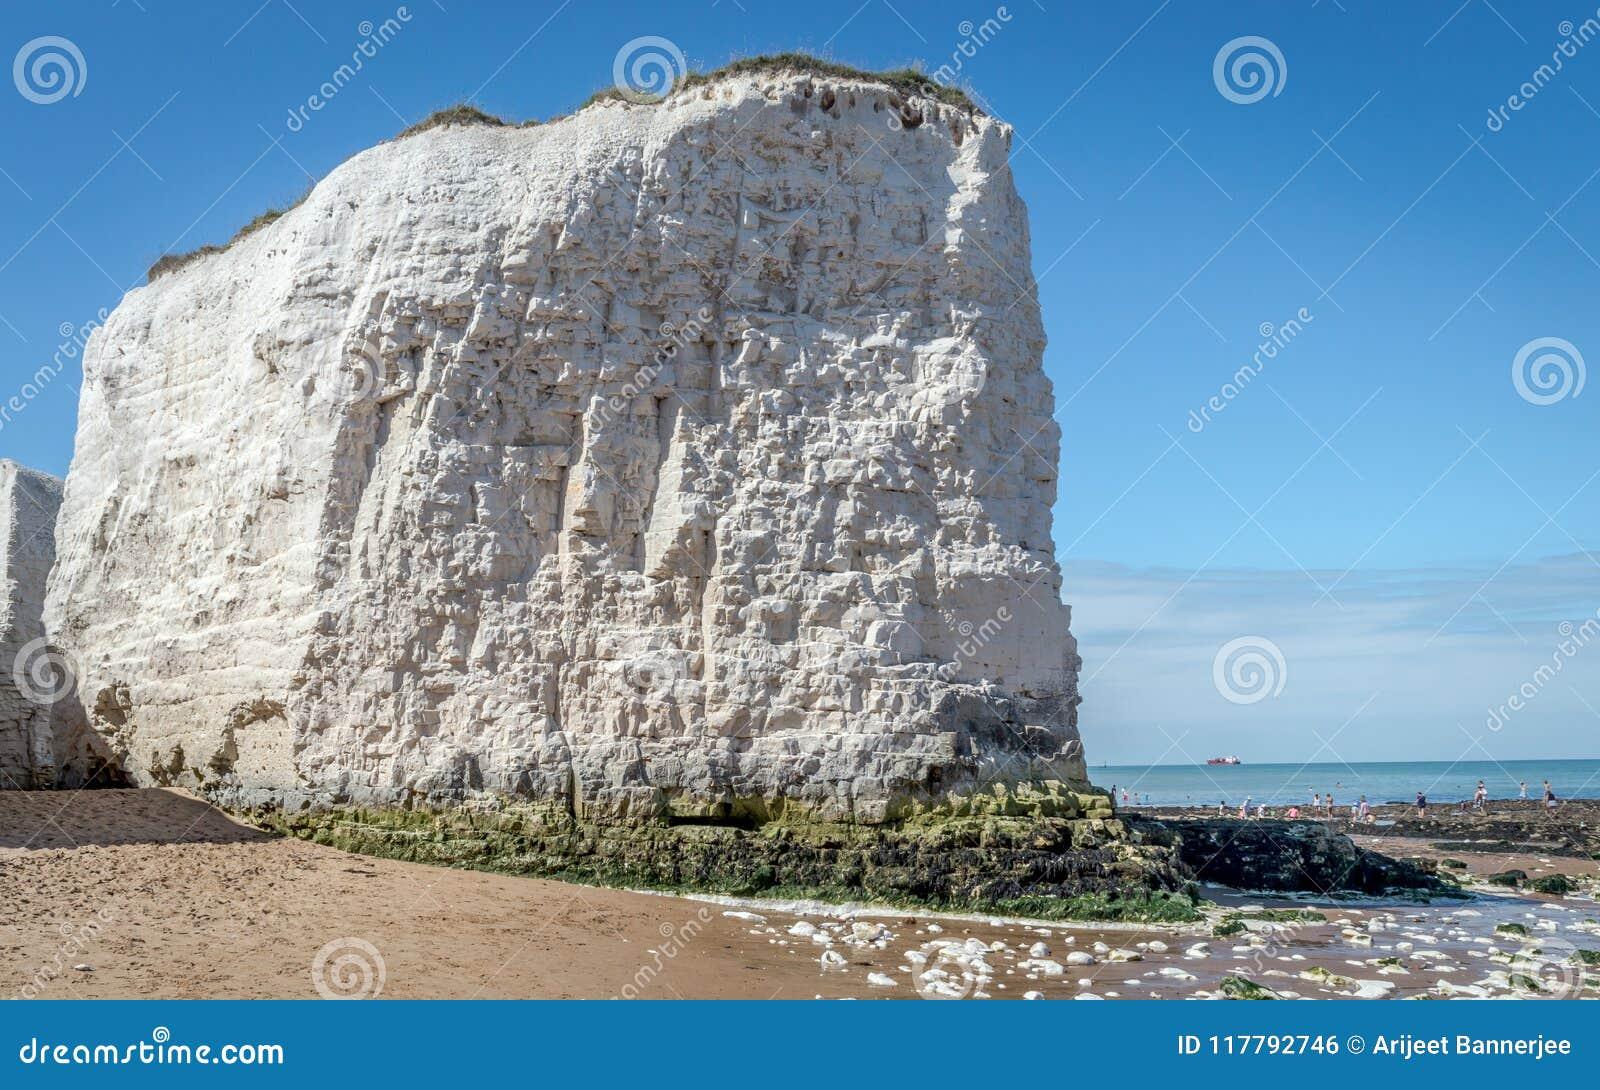 Le temps ensoleillé a amené des touristes et des visiteurs à la plage de baie de botanique près de Broadstairs Kent apprécier les